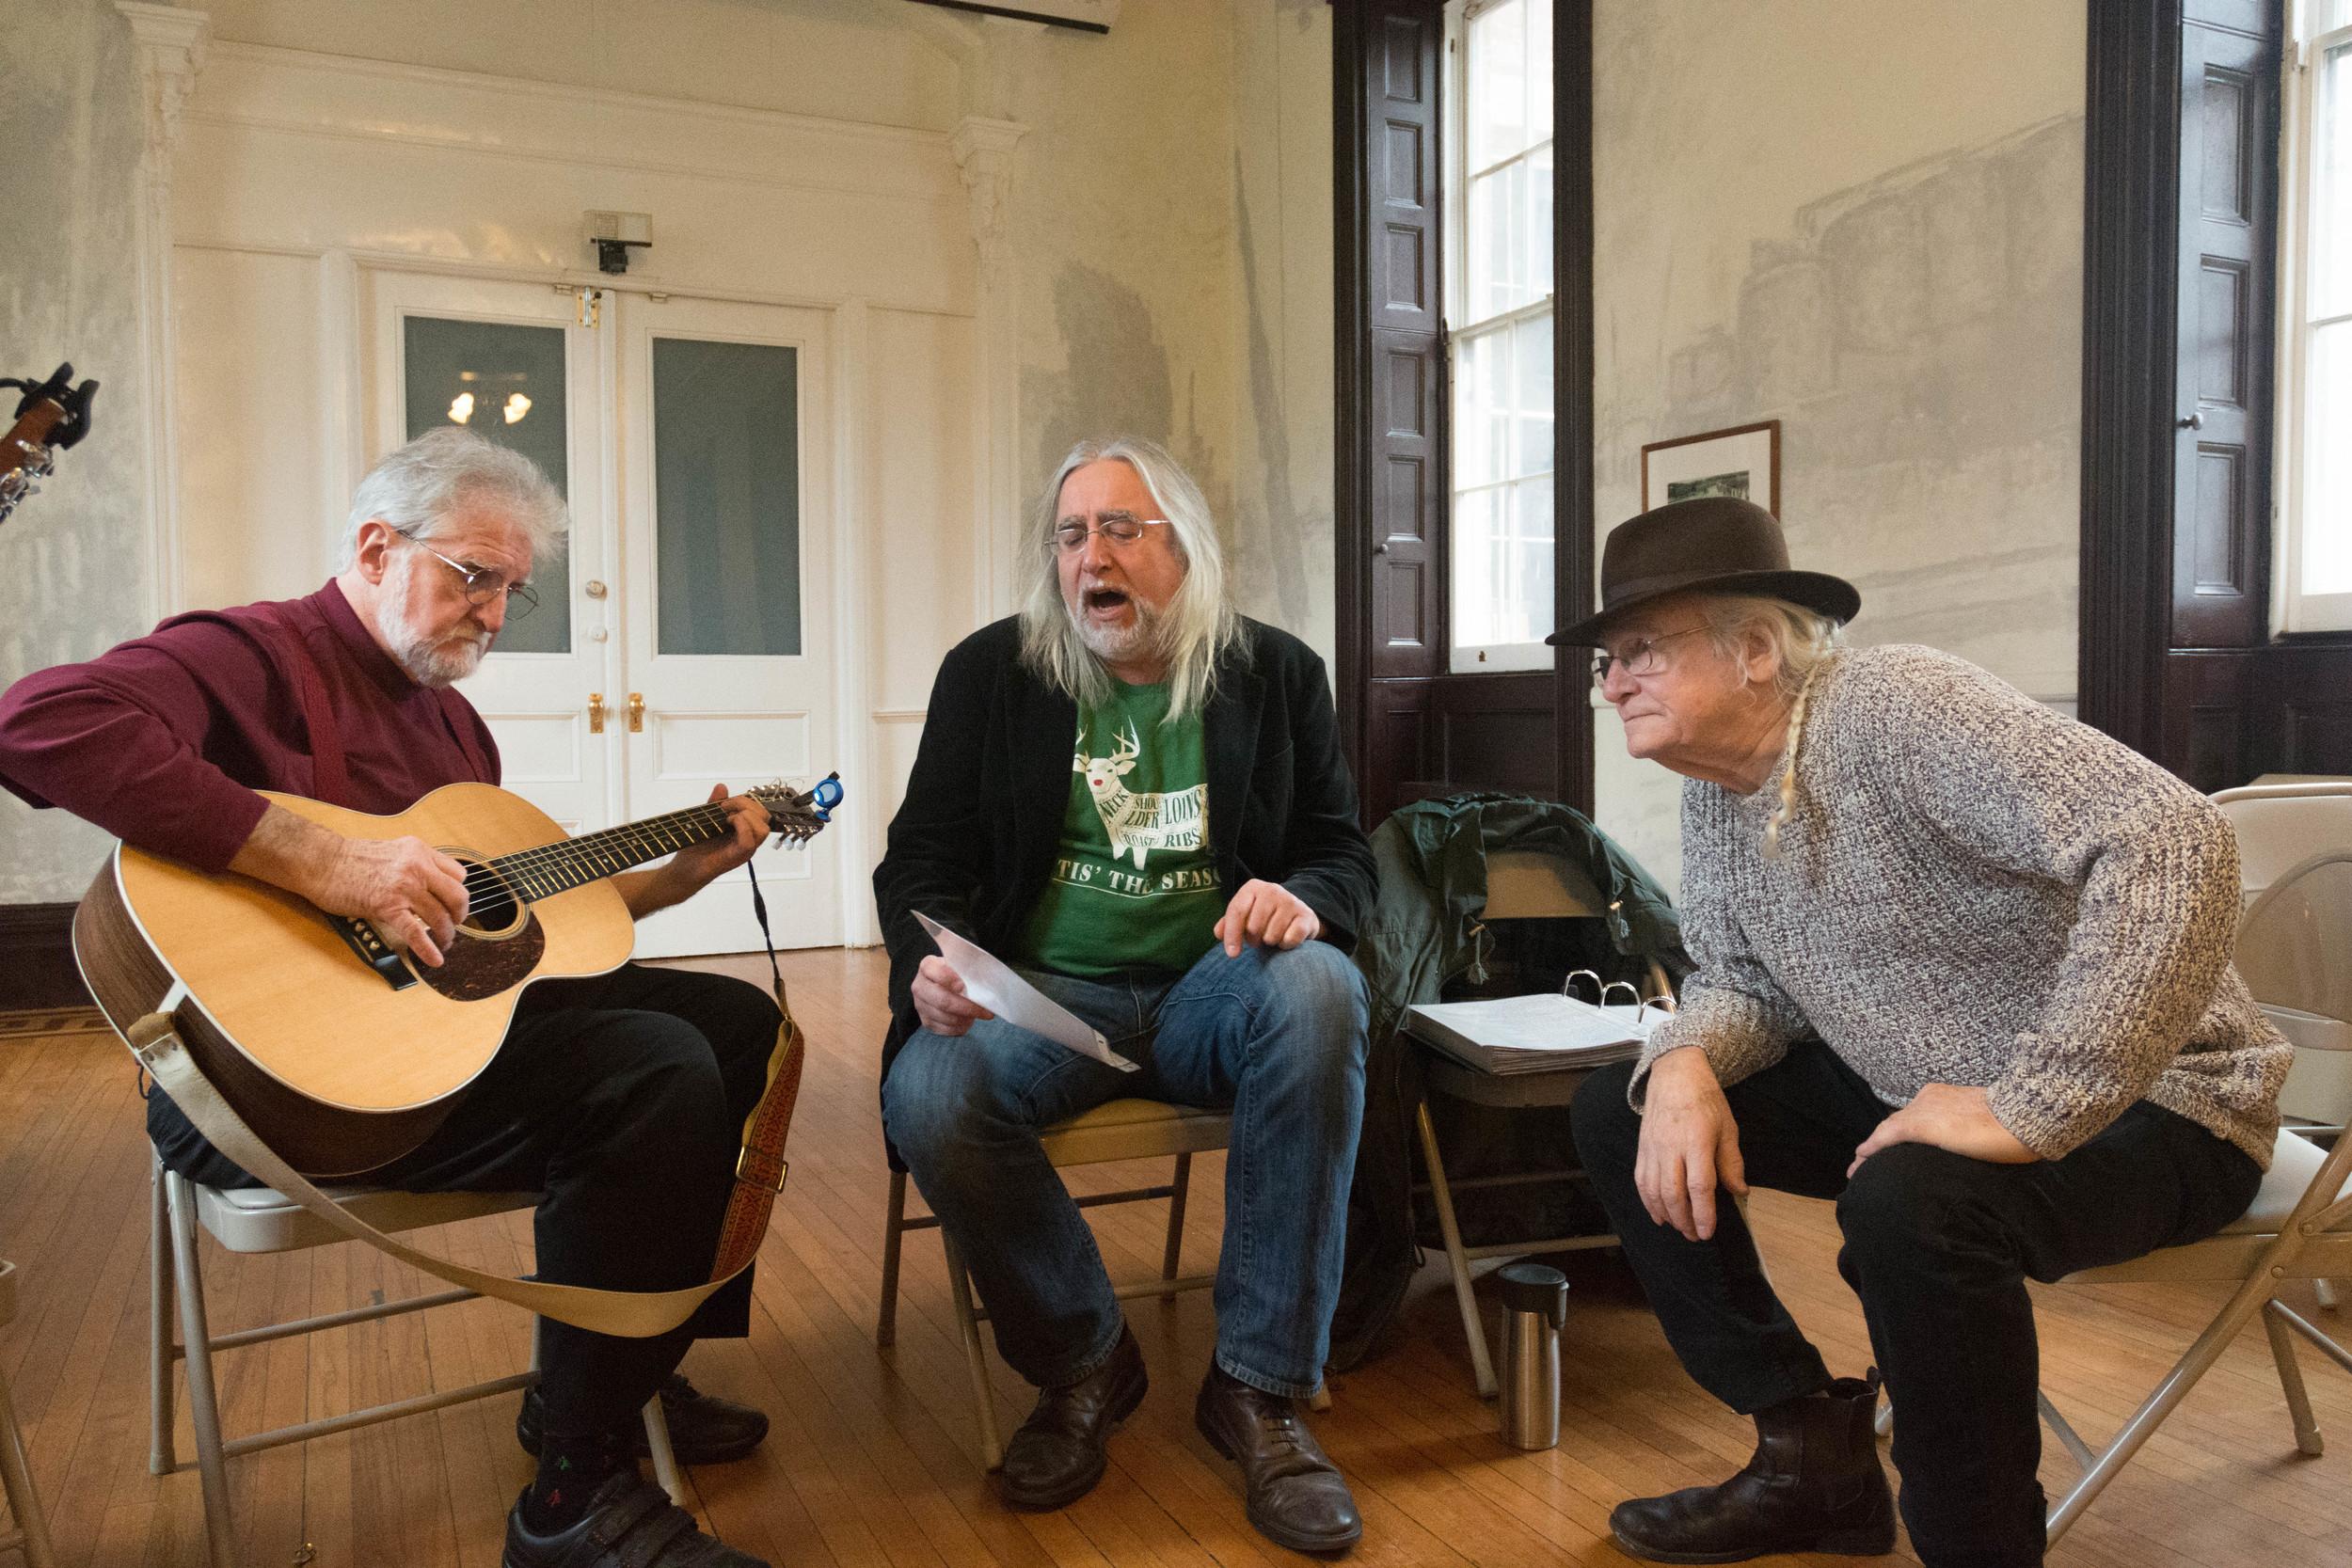 Bob, Alan and Frank